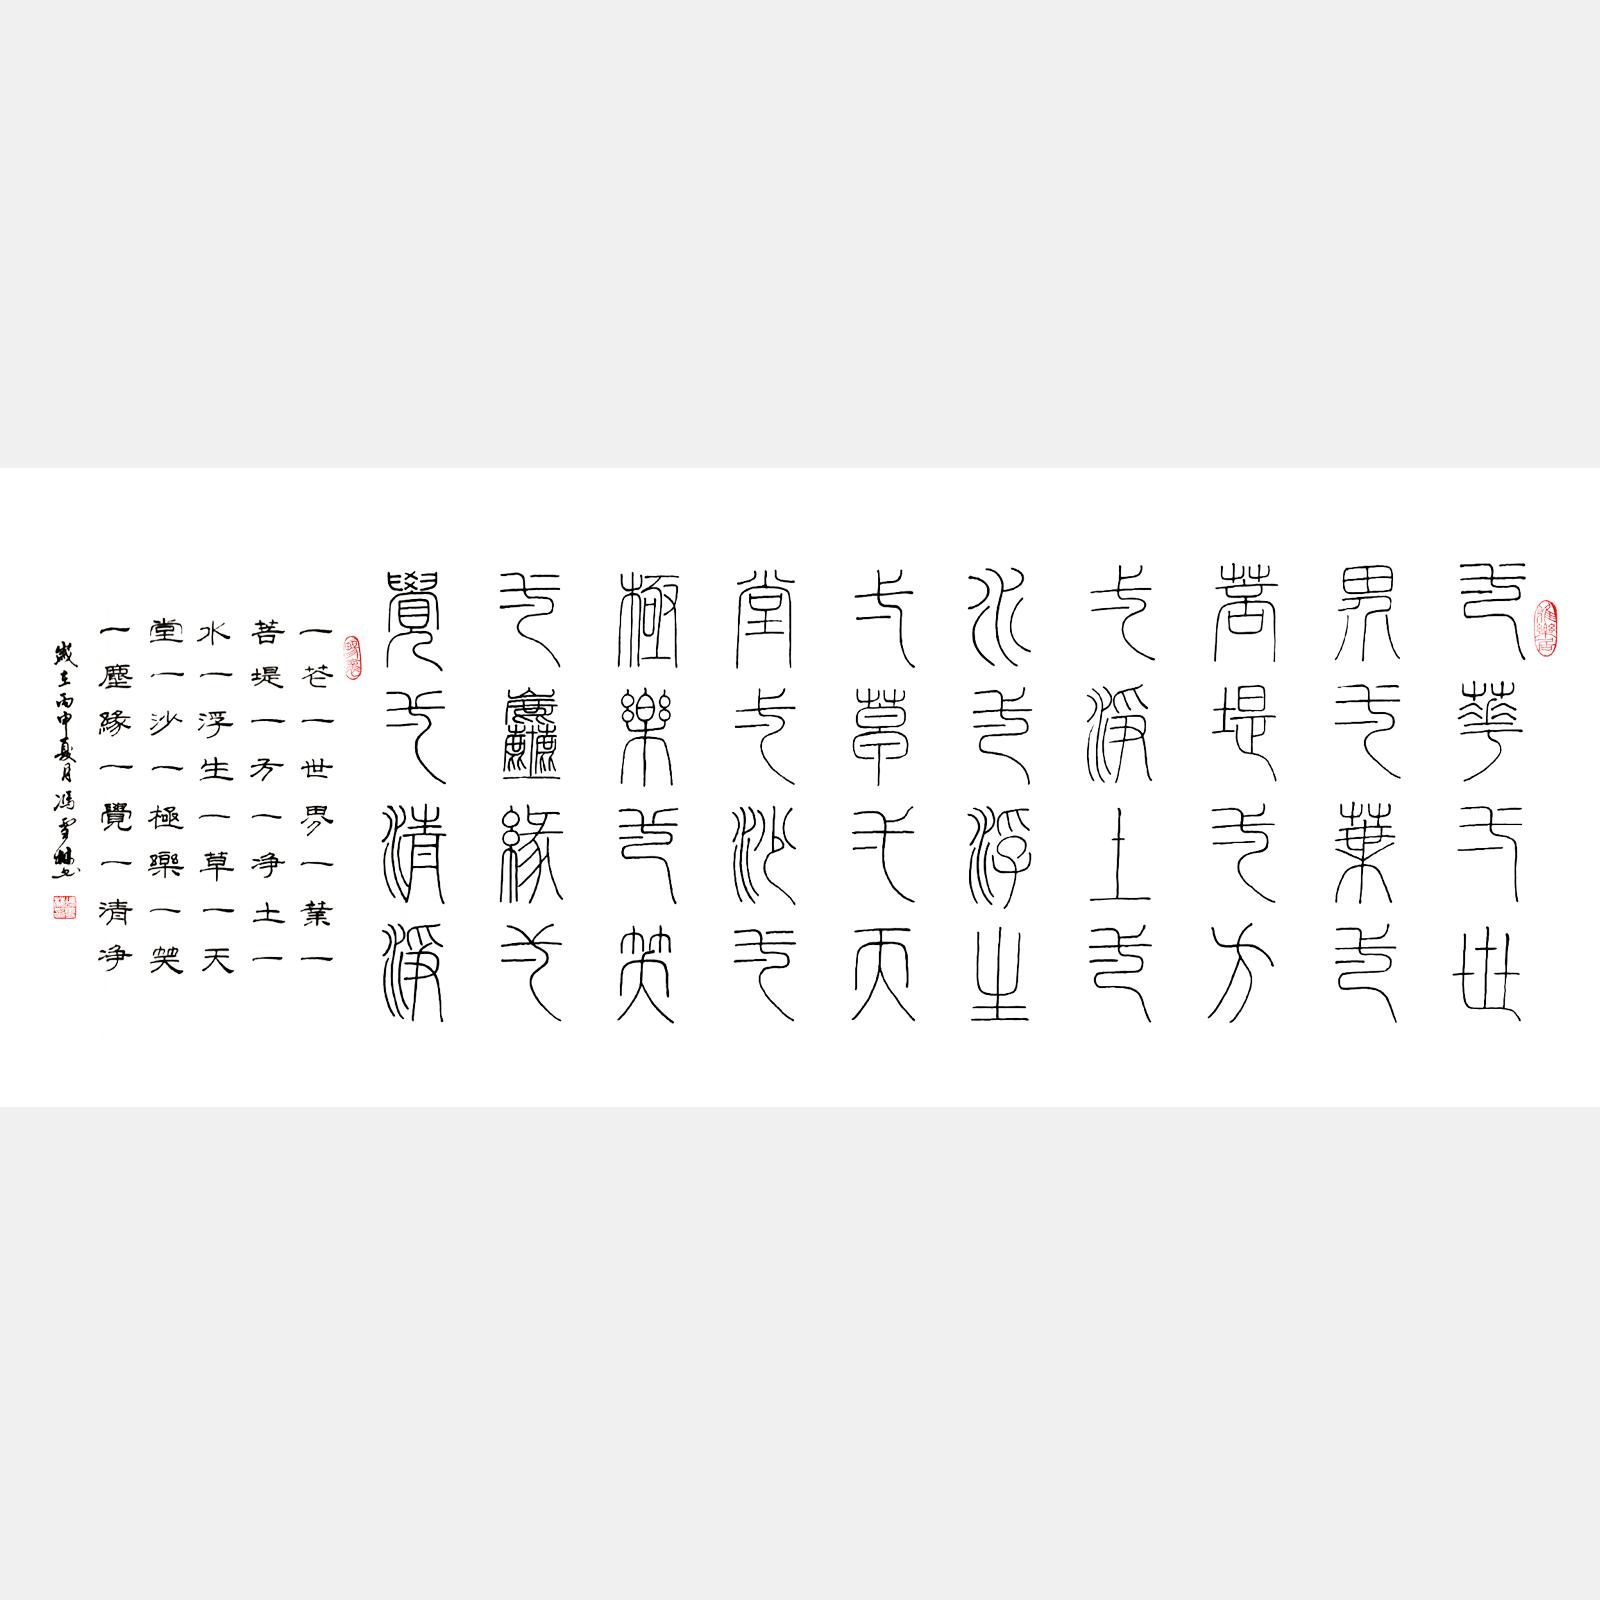 《华严经》一花一世界一叶一菩提 篆书隶书双版 横幅书法作品